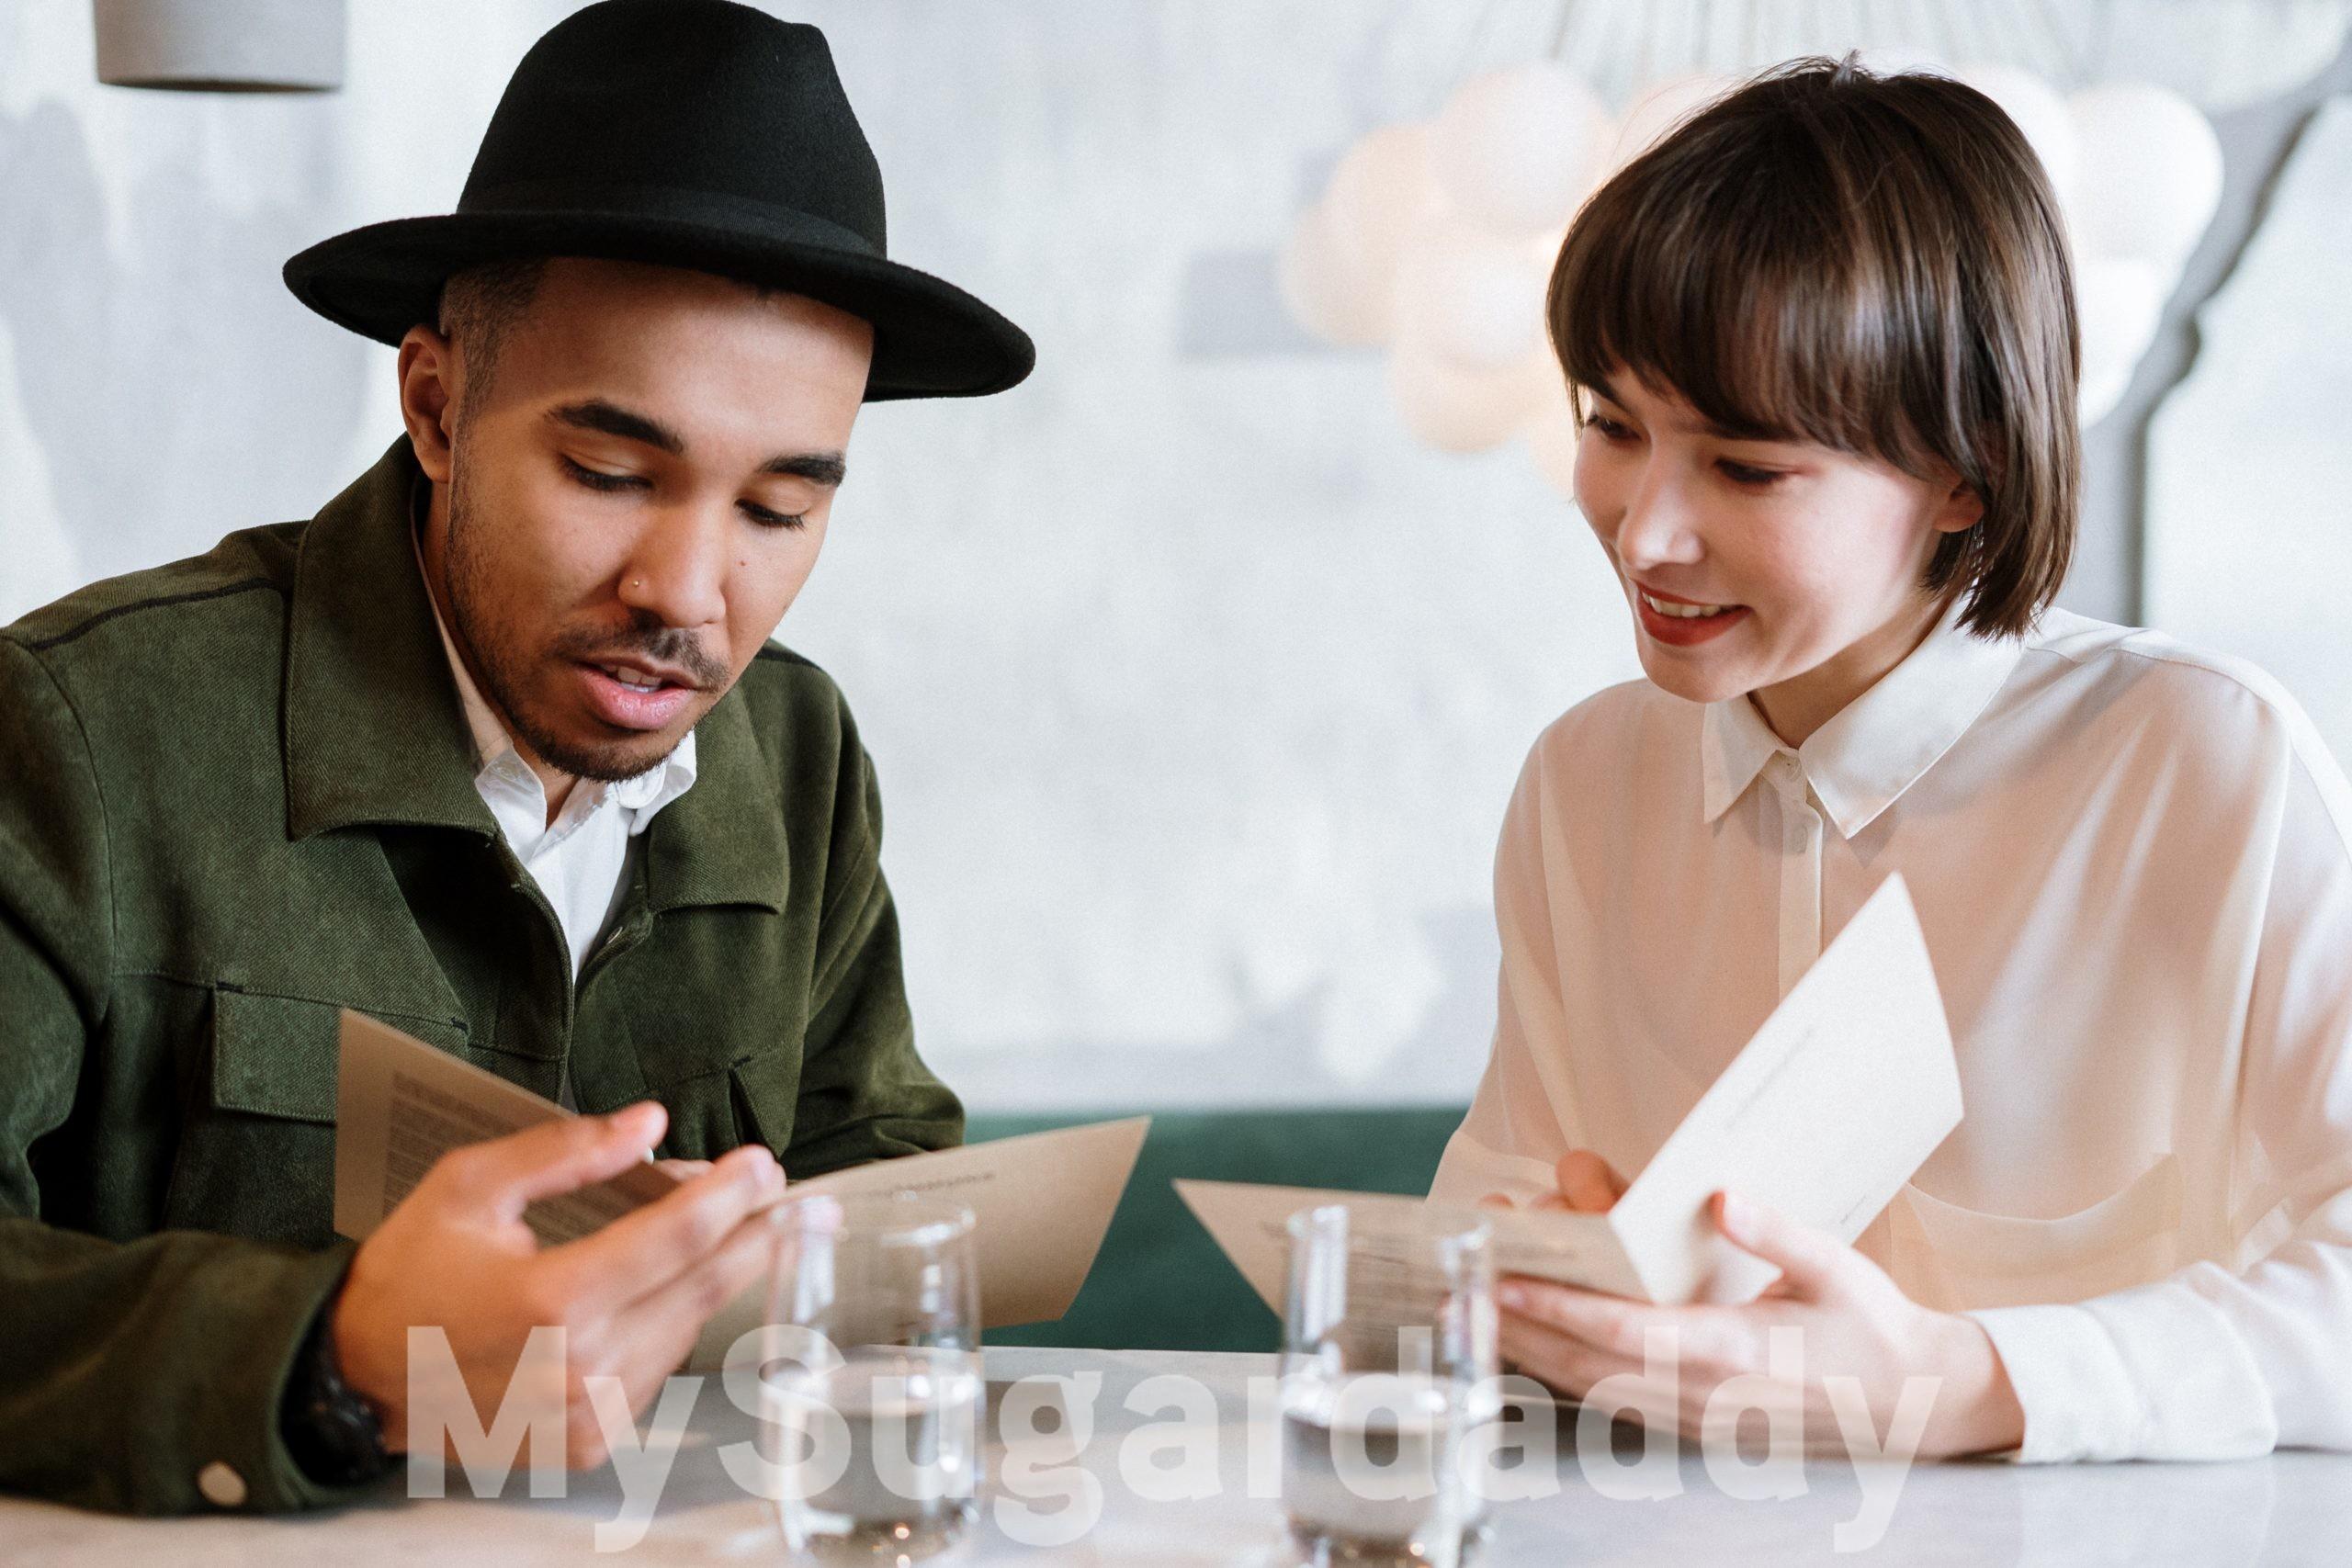 Kto powinien płacić na pierwszej randce? Czyli co kraj to obyczaj